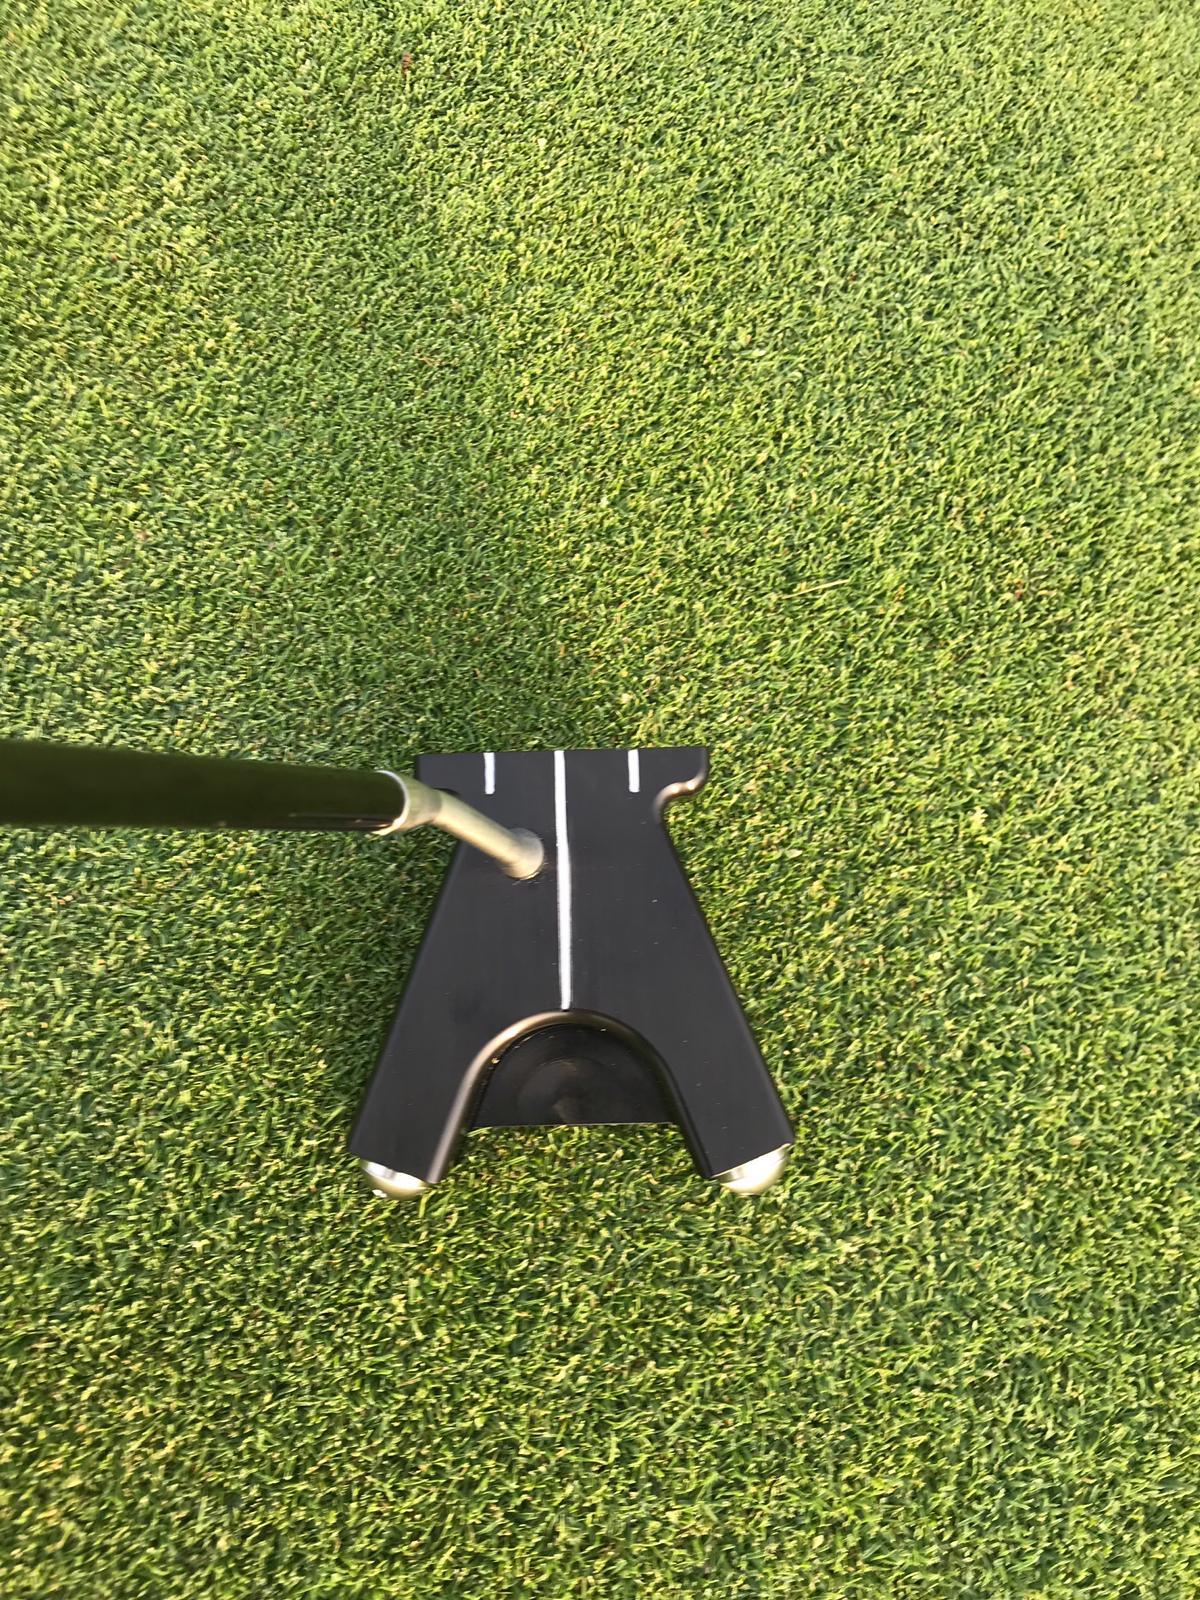 Der erste Einsatz auf dem Grün und der Putter macht einen genialen Eindruck. (Foto: Golf Post)